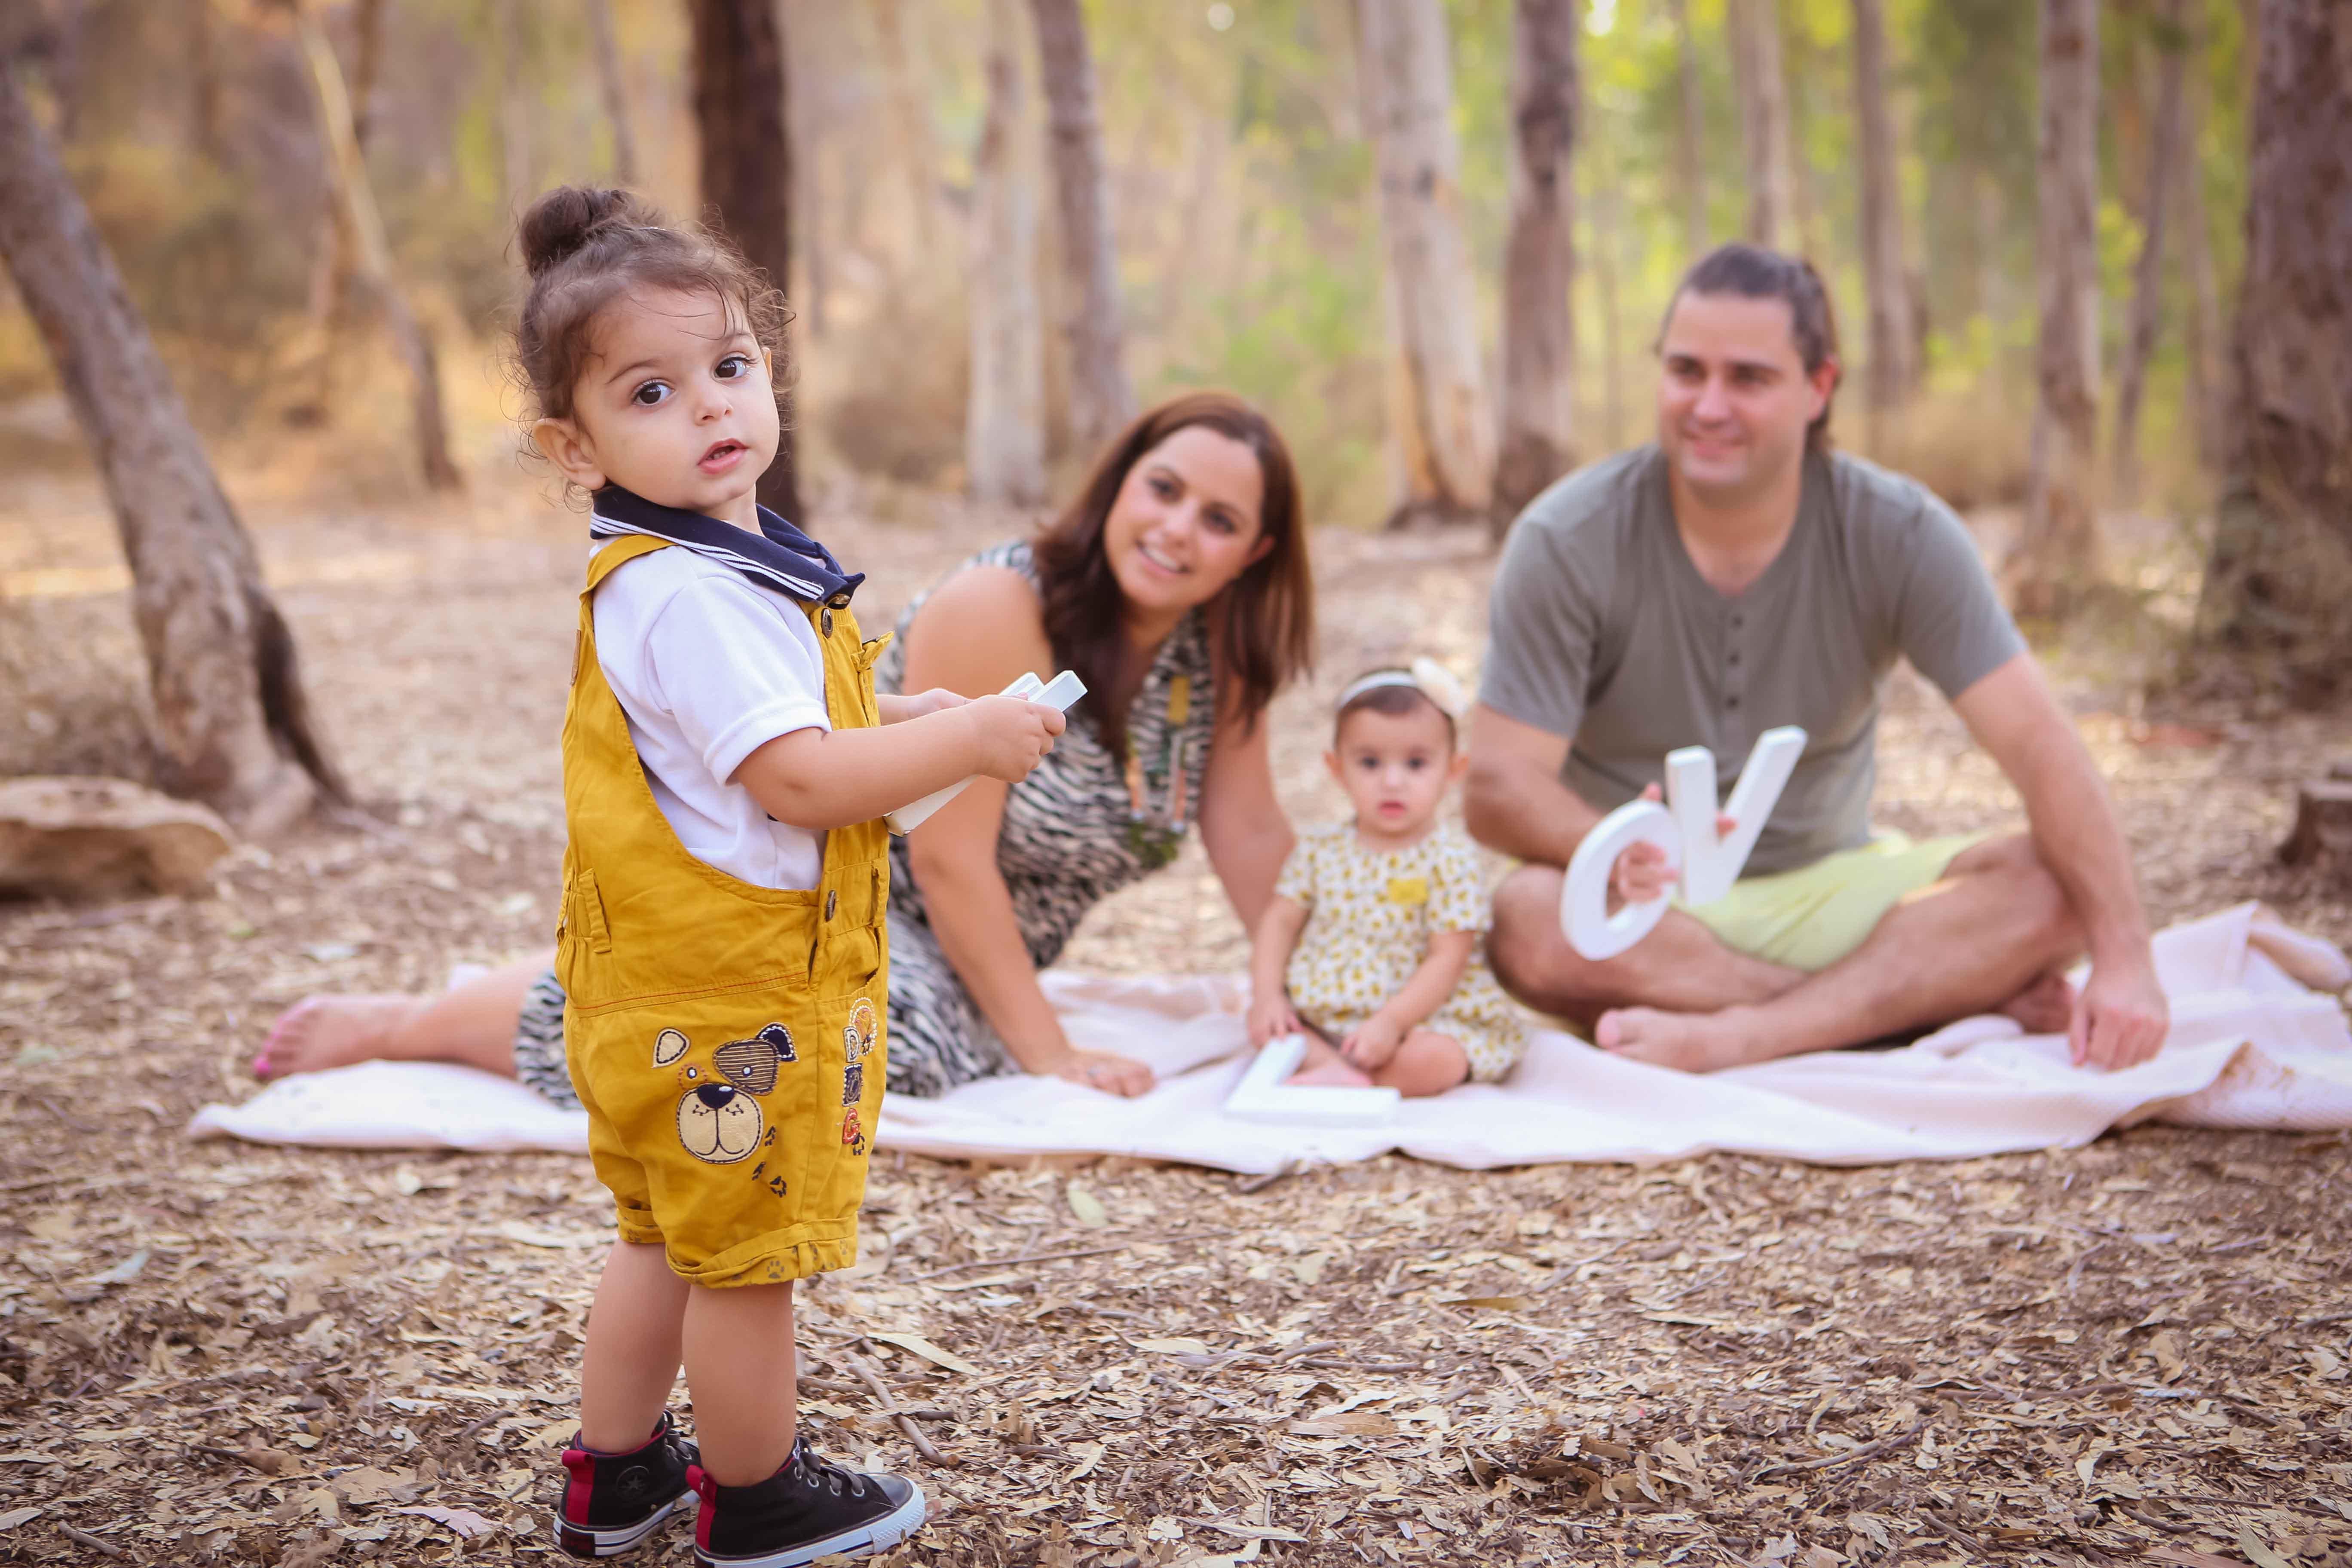 צילומי משפחה - מידע על צילומים